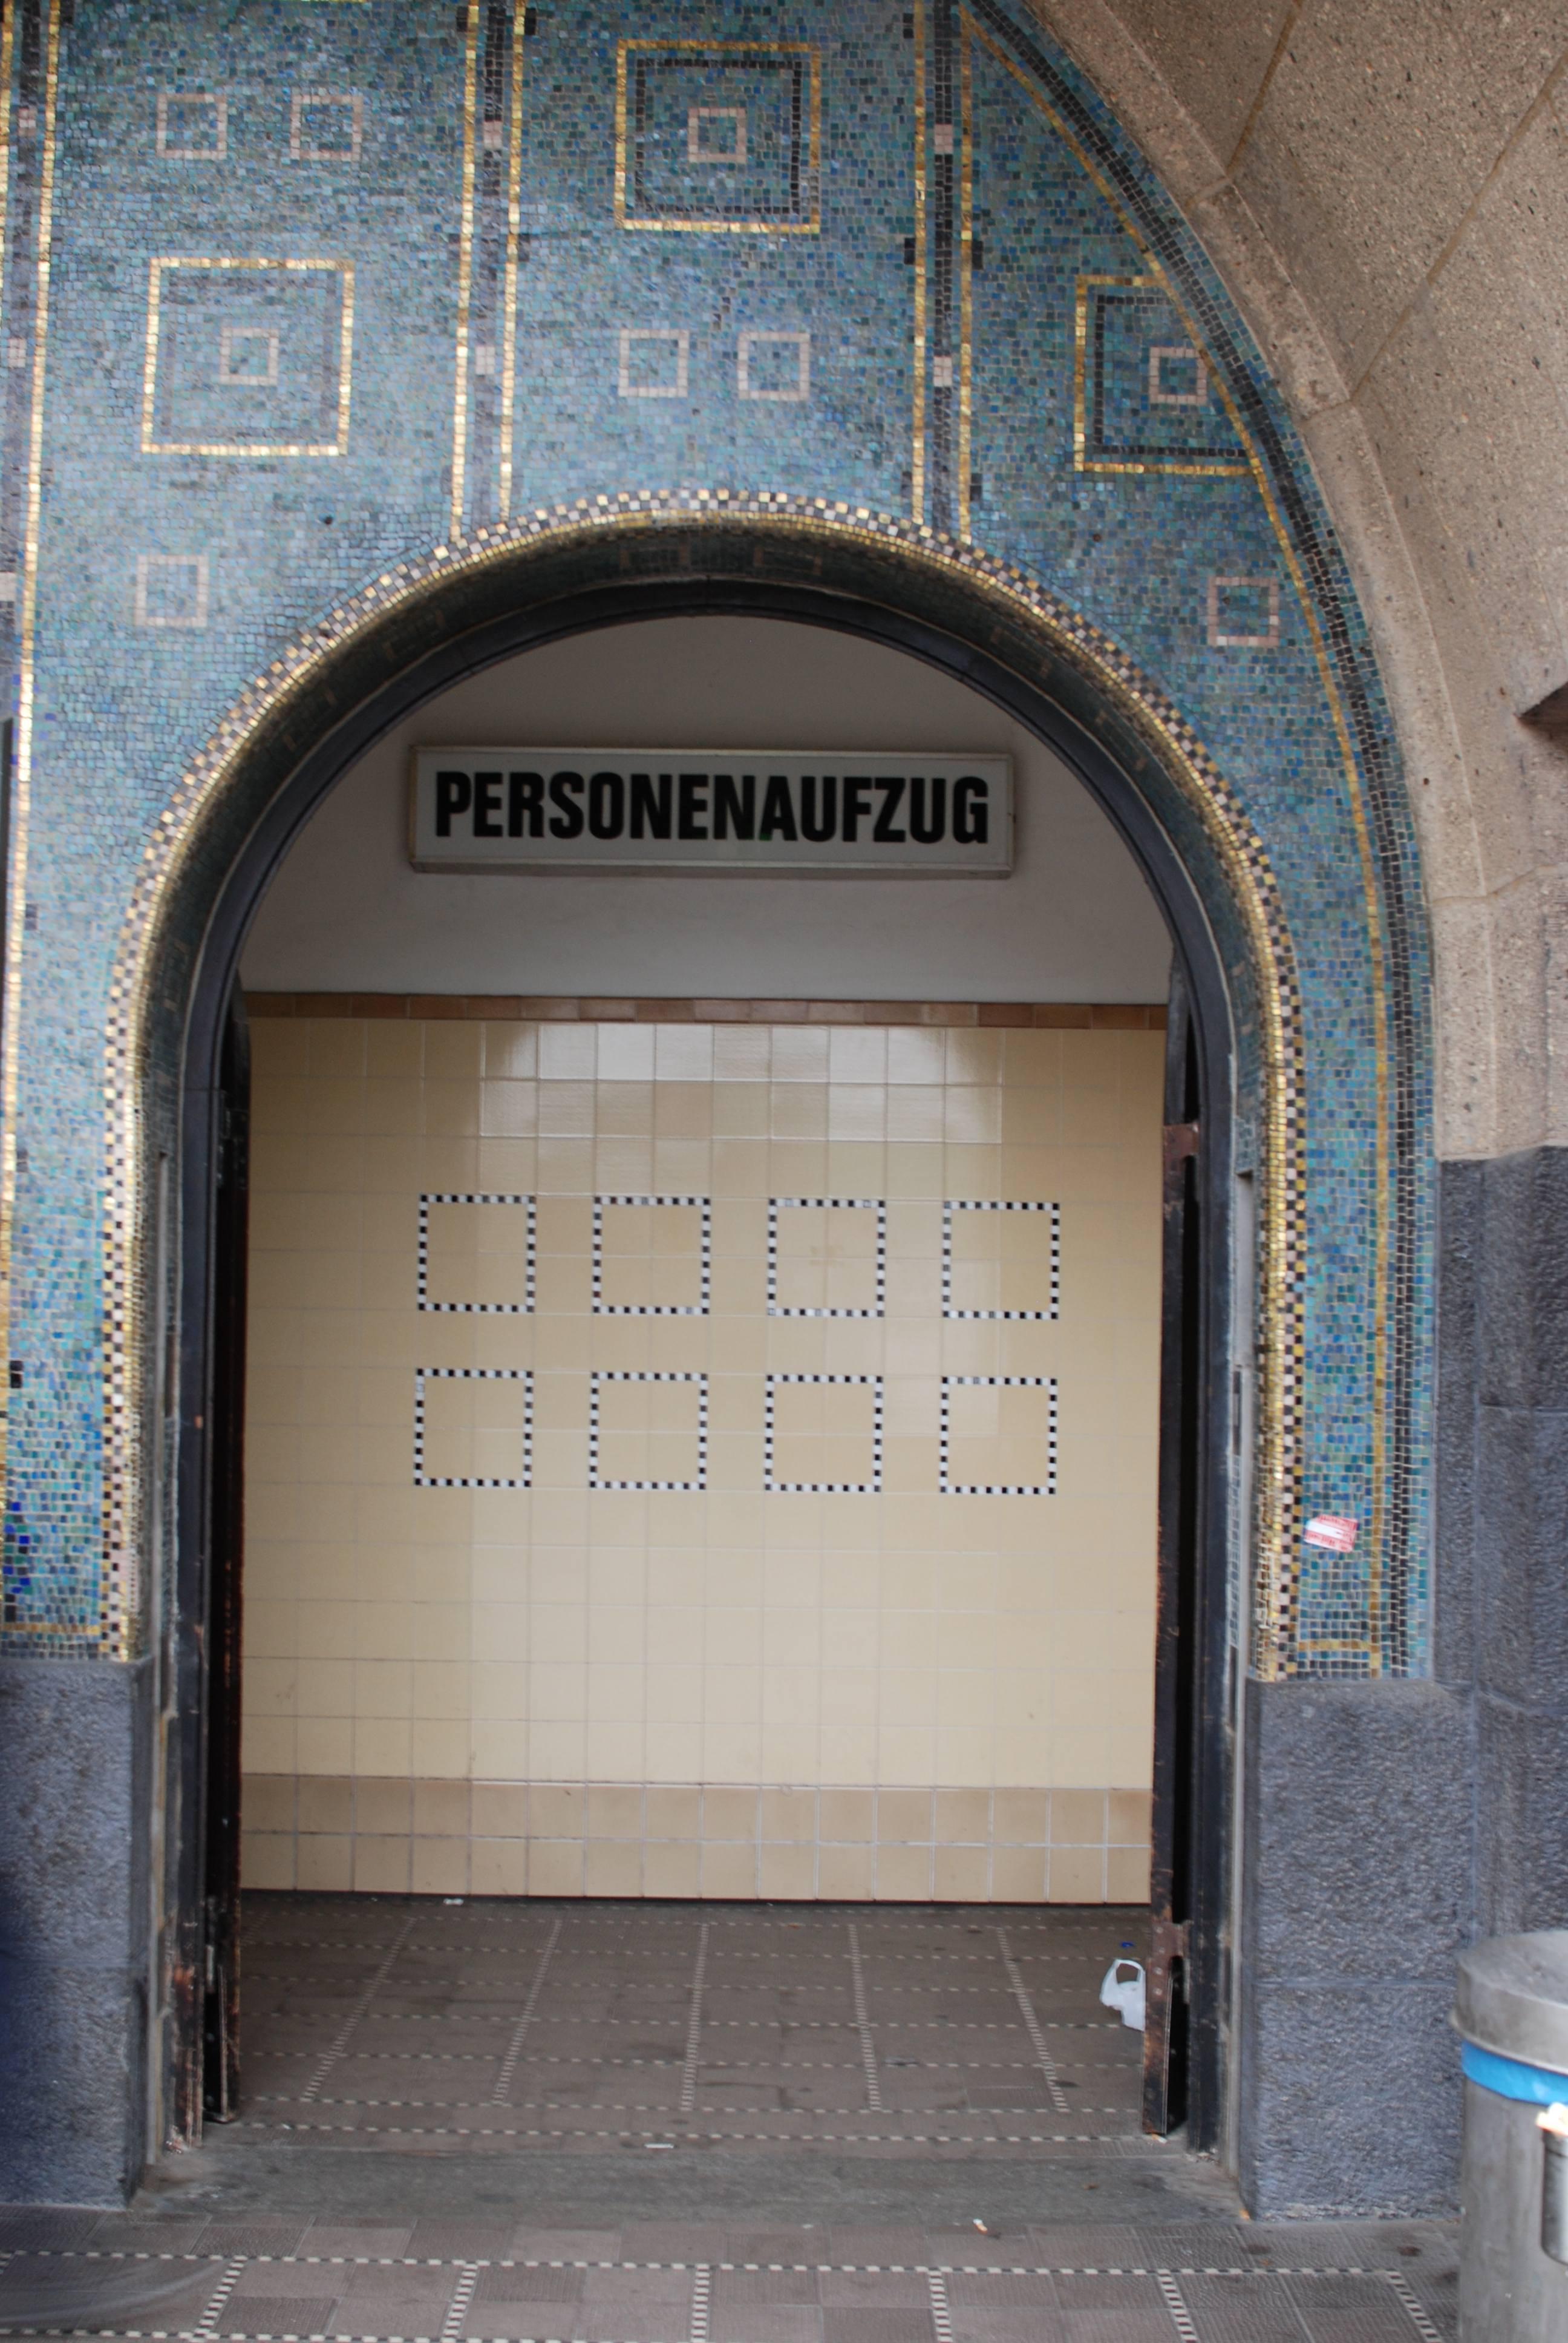 Eingang zu einem Personenaufzug